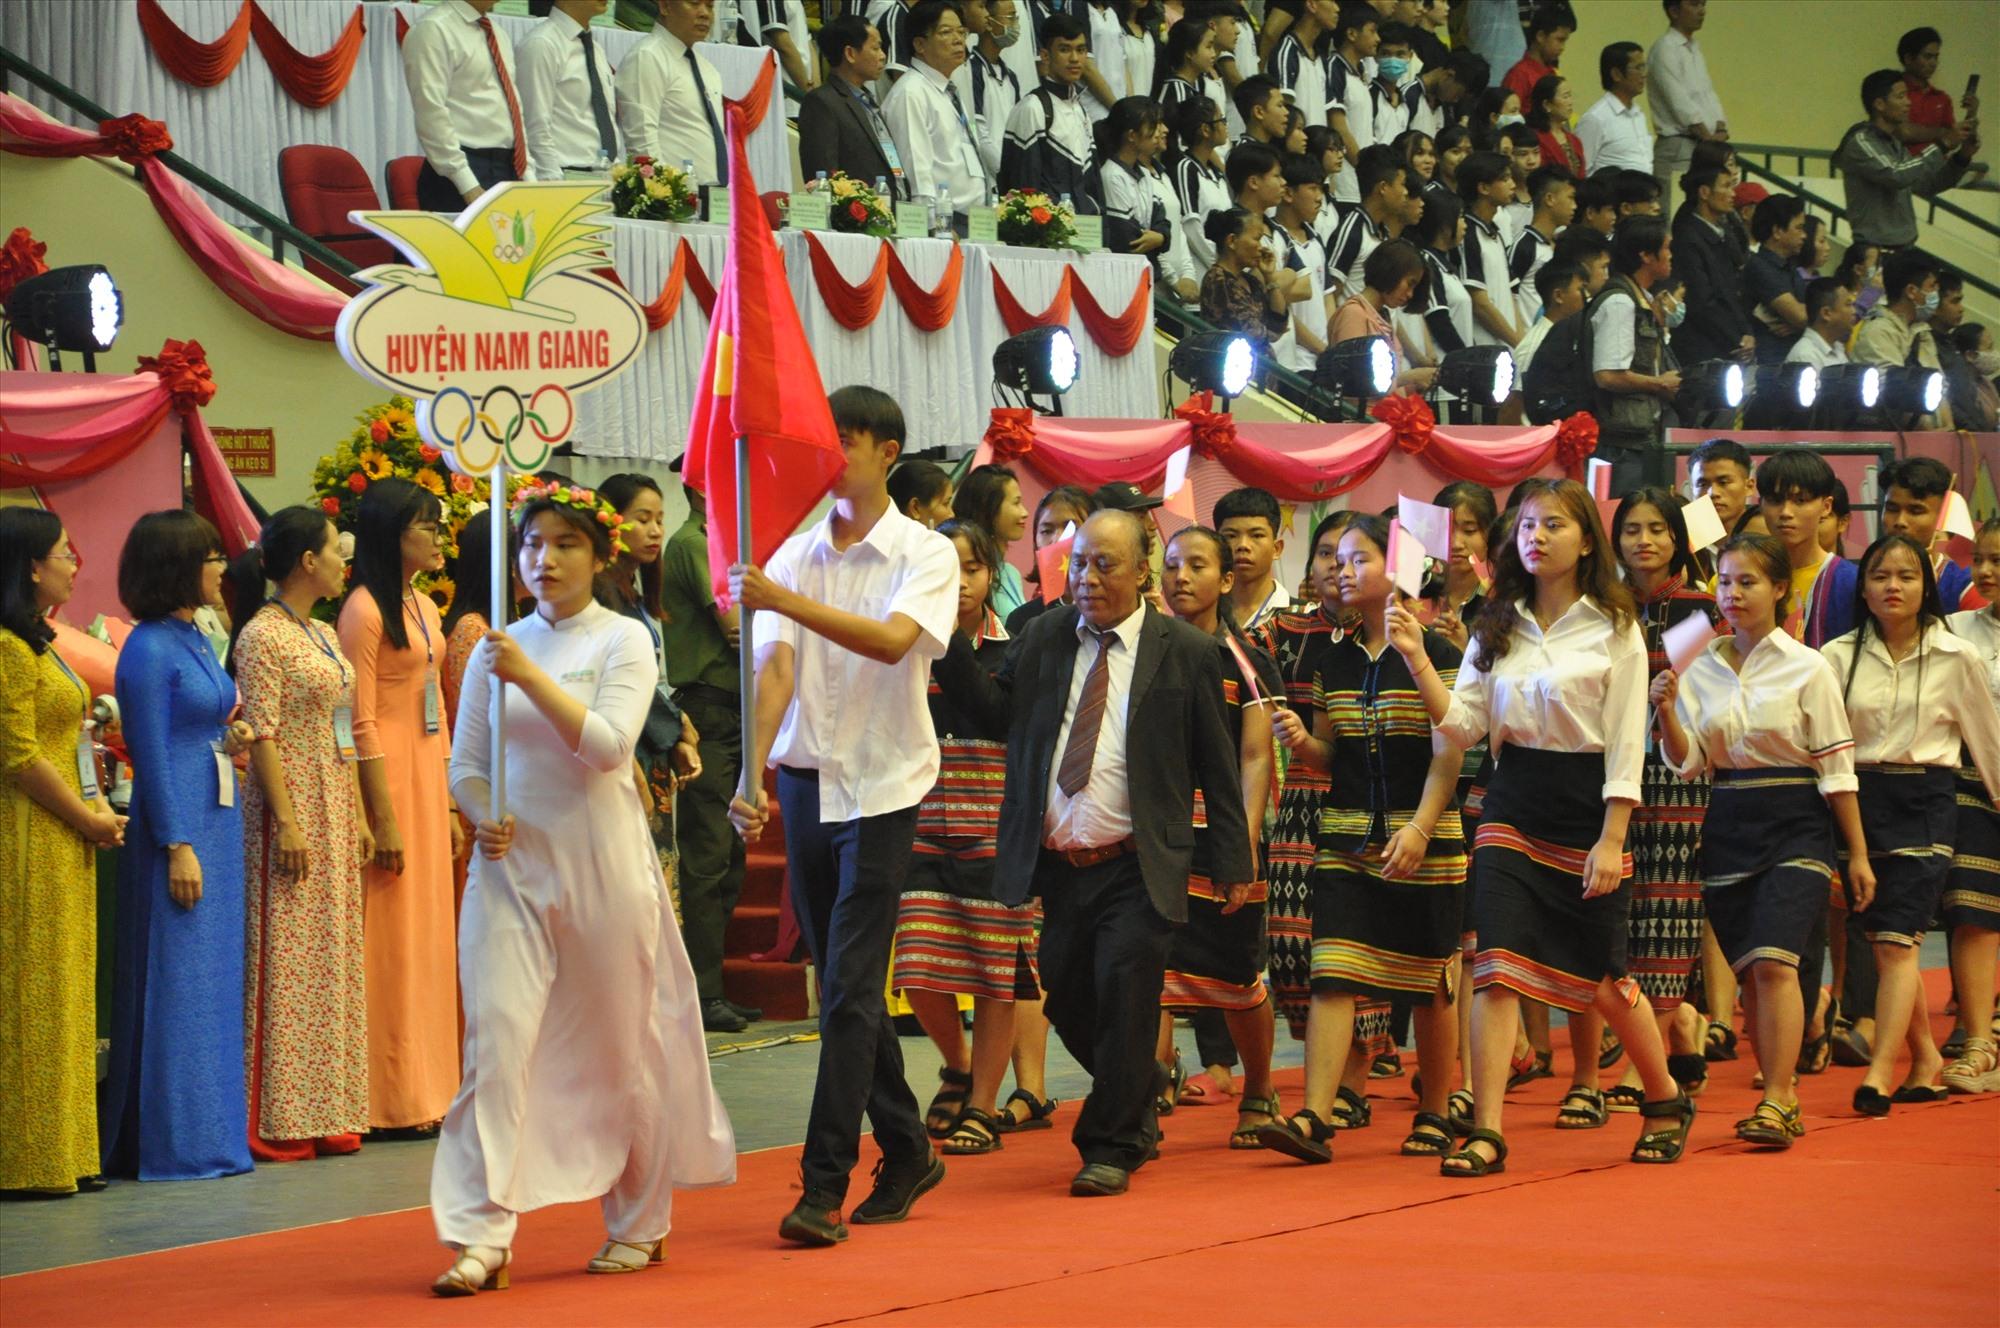 Đoàn VĐV huyện Nam Giang. Ảnh: X.P